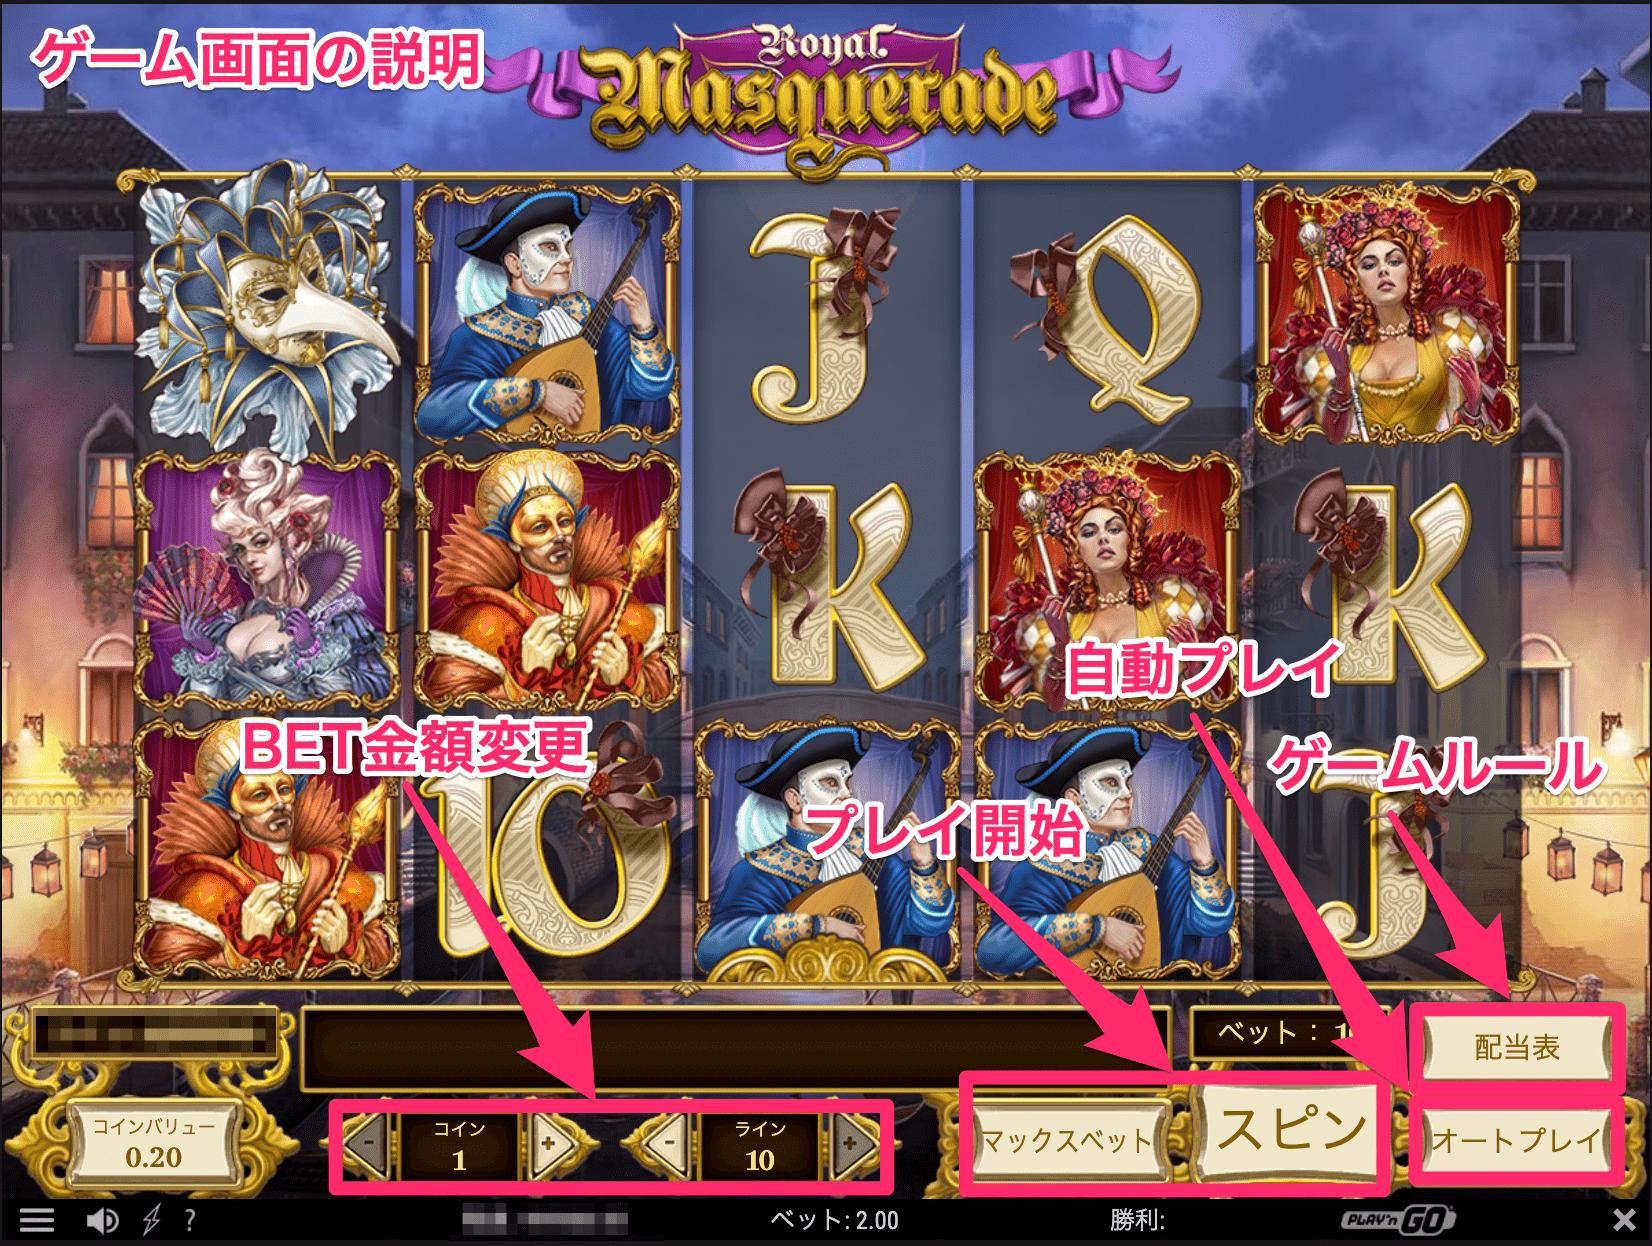 Royal Masquerade-ロイヤルマスカレード ゲーム画面説明